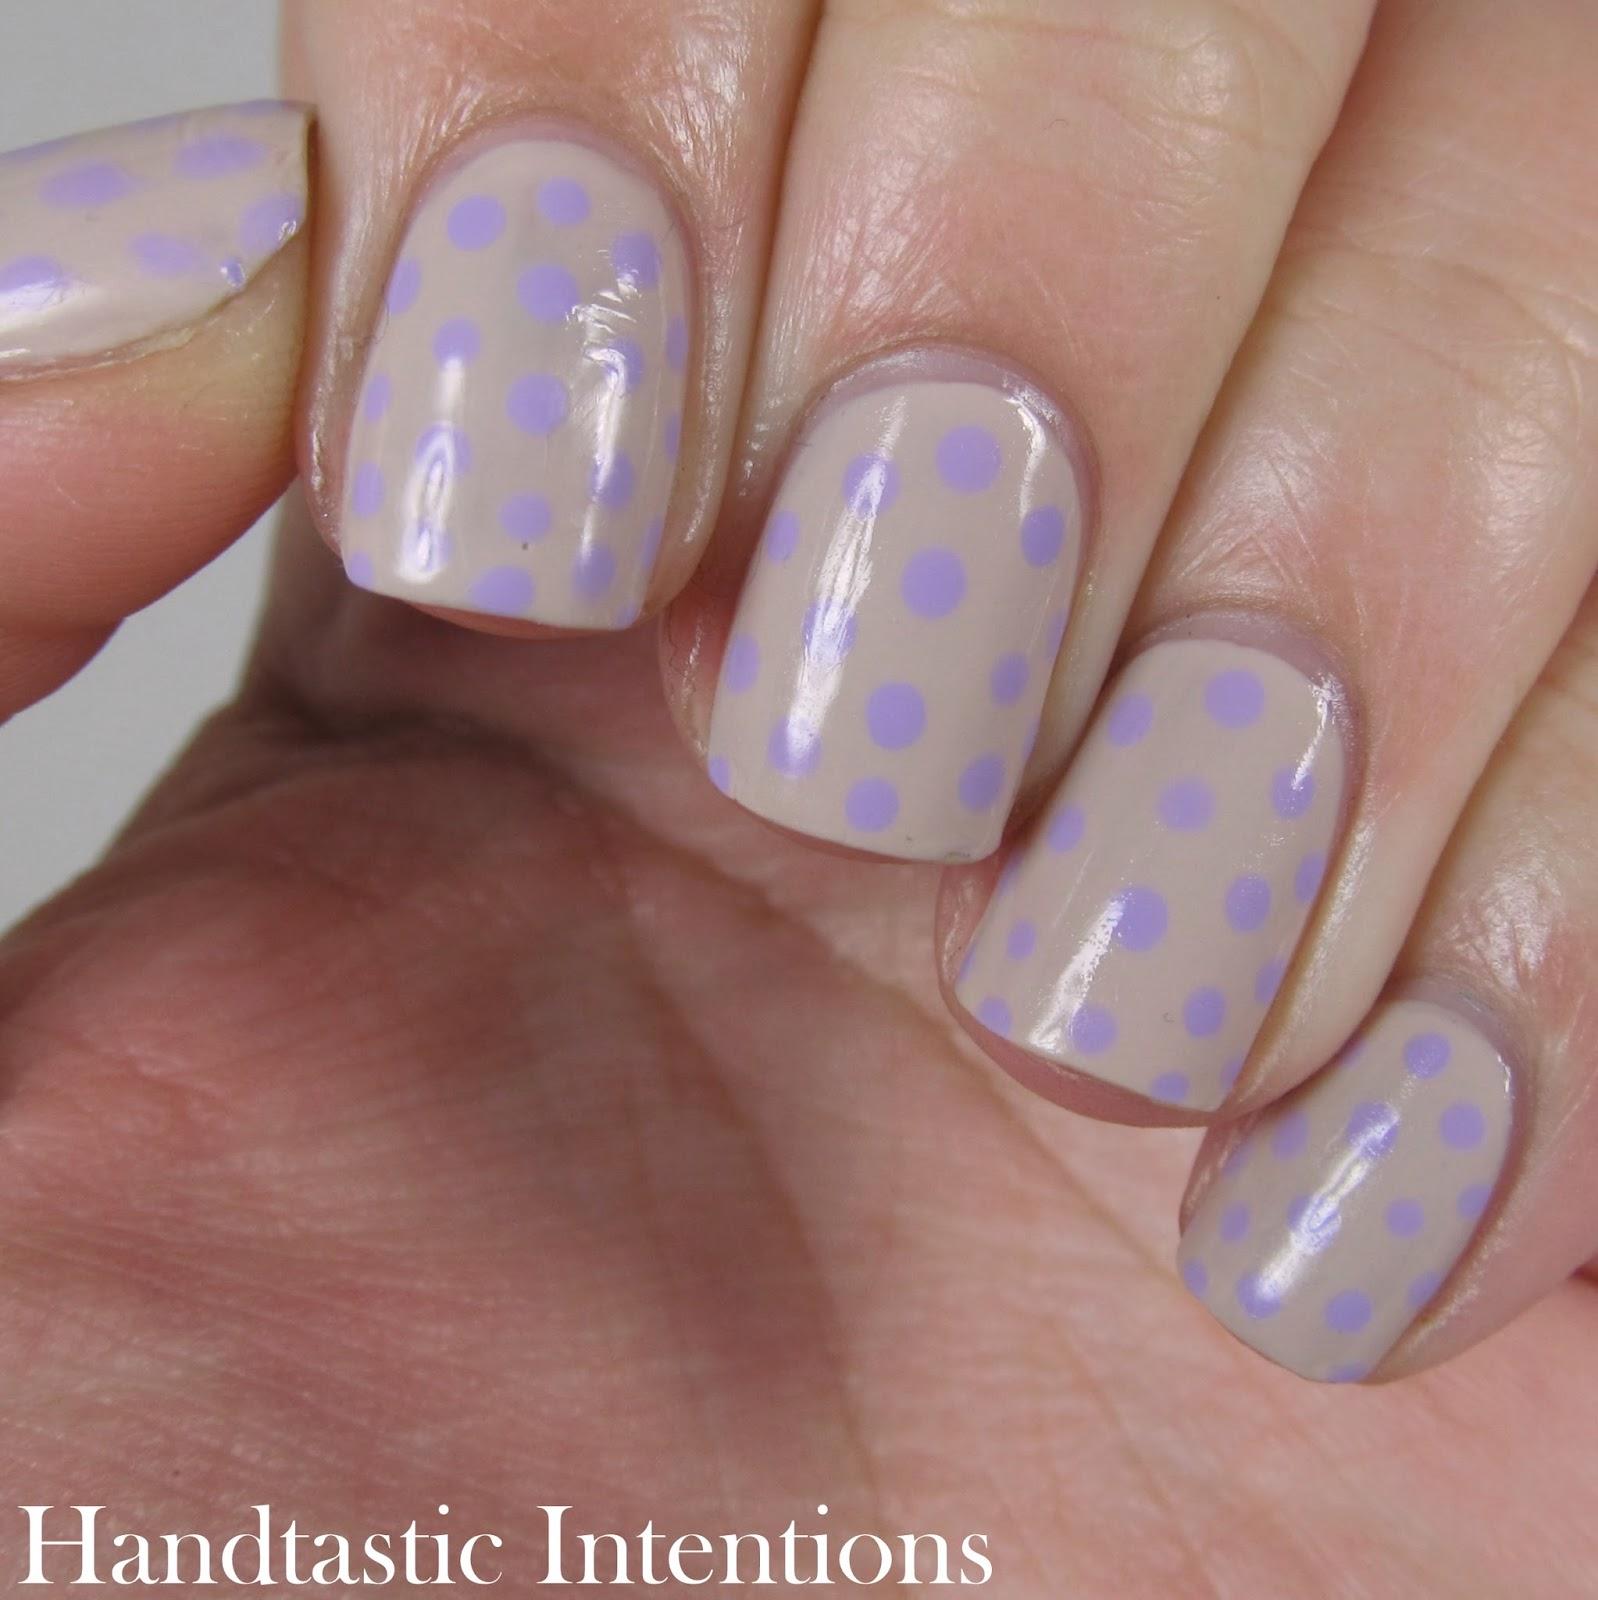 Nail-Art-Polka-Dots-Nails-Inc-Colville-Mews